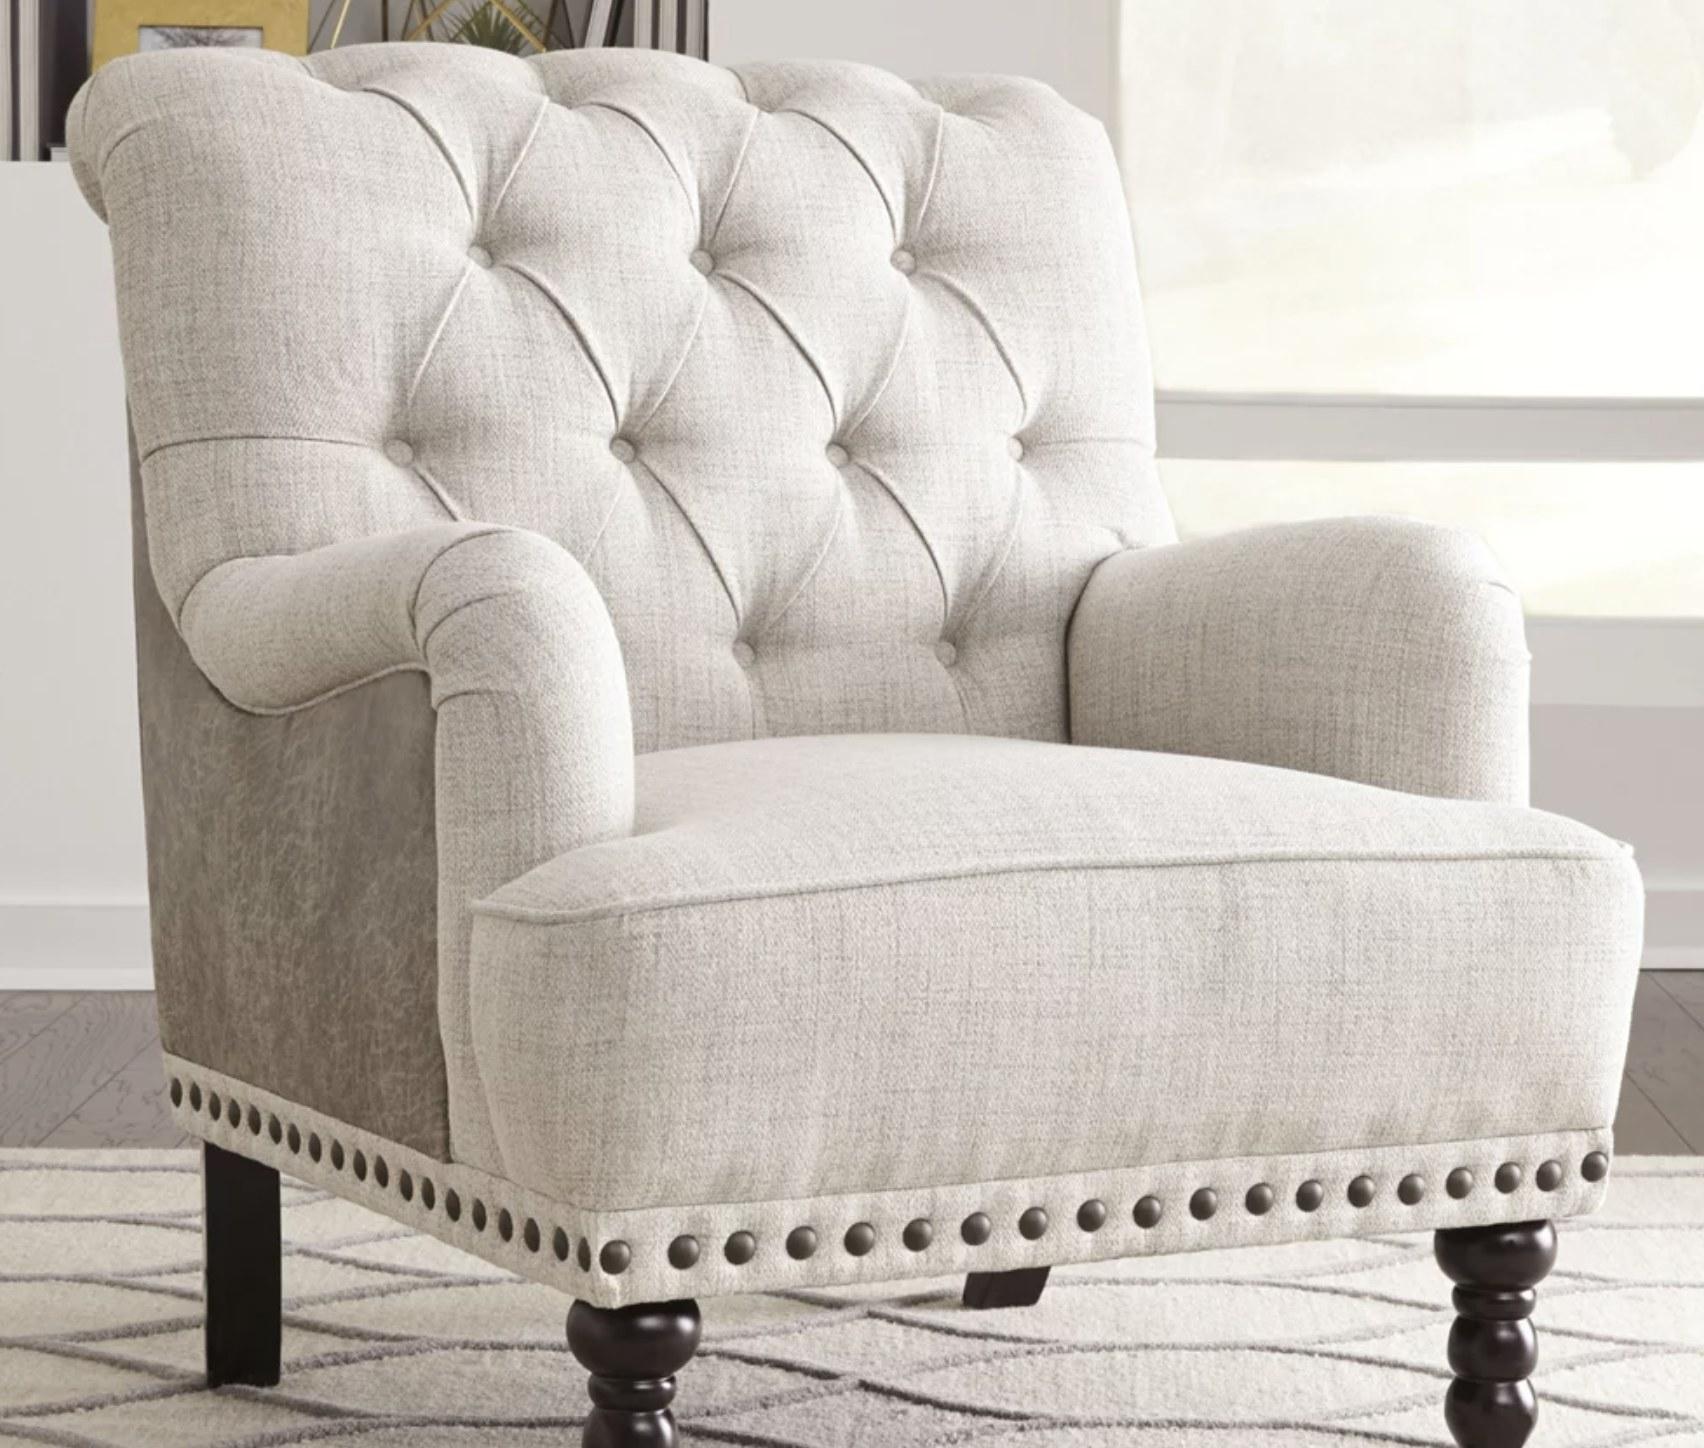 A white tufted chair